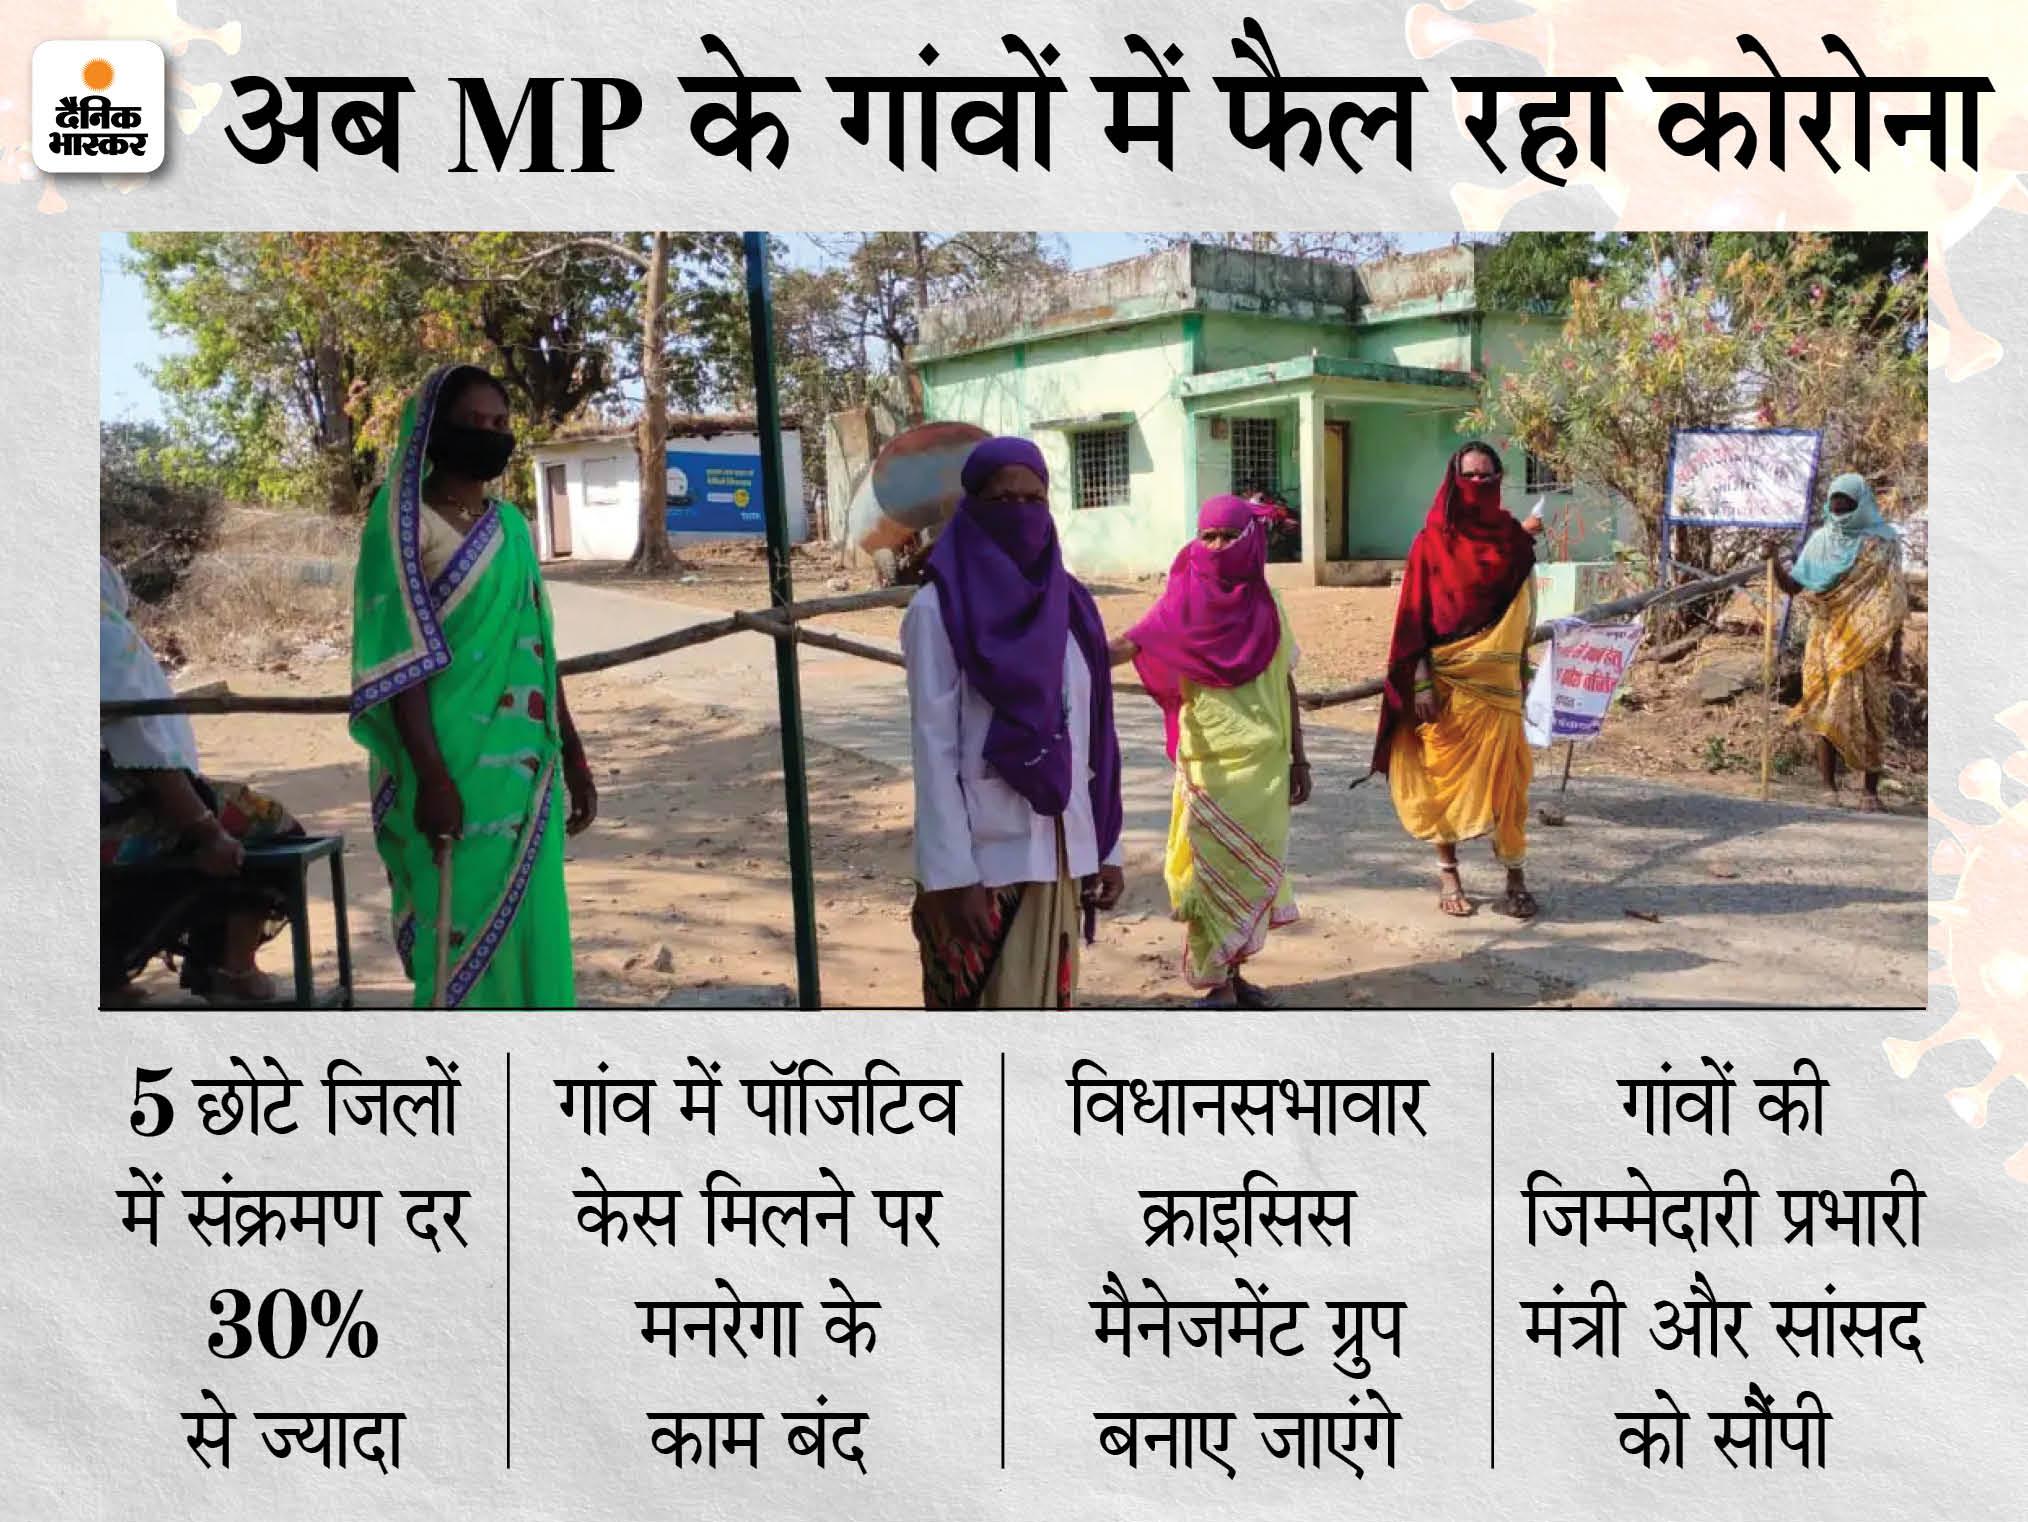 सख्ती से लागू होगा कोरोना कर्फ्यू; CM शिवराज बोले- गांवों में संक्रमण नहीं रोका, तो हालात काबू से बाहर होंगे|मध्य प्रदेश,Madhya Pradesh - Dainik Bhaskar